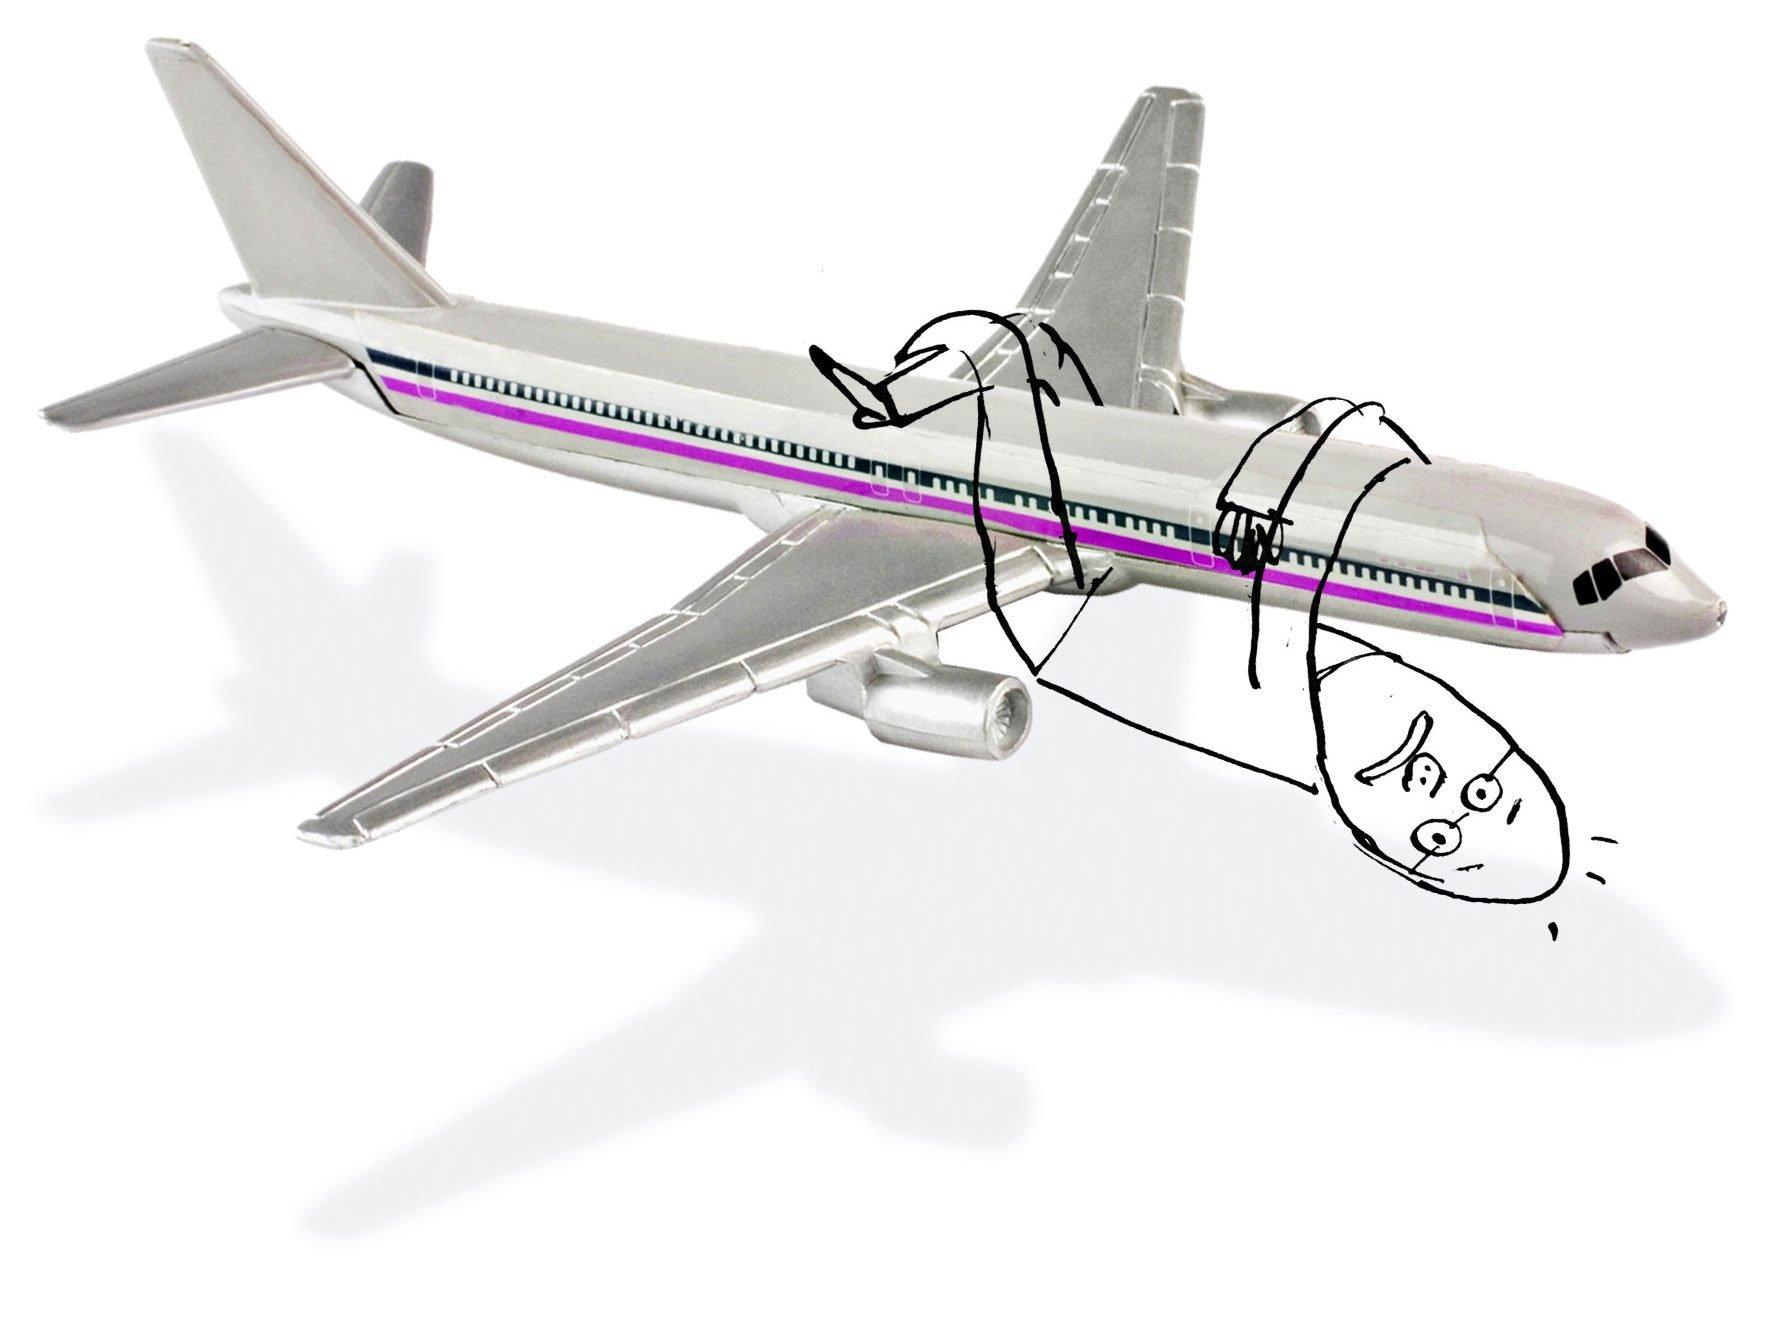 Ce qu'il faudrait savoir avant de prendre l'avion: sécurité.